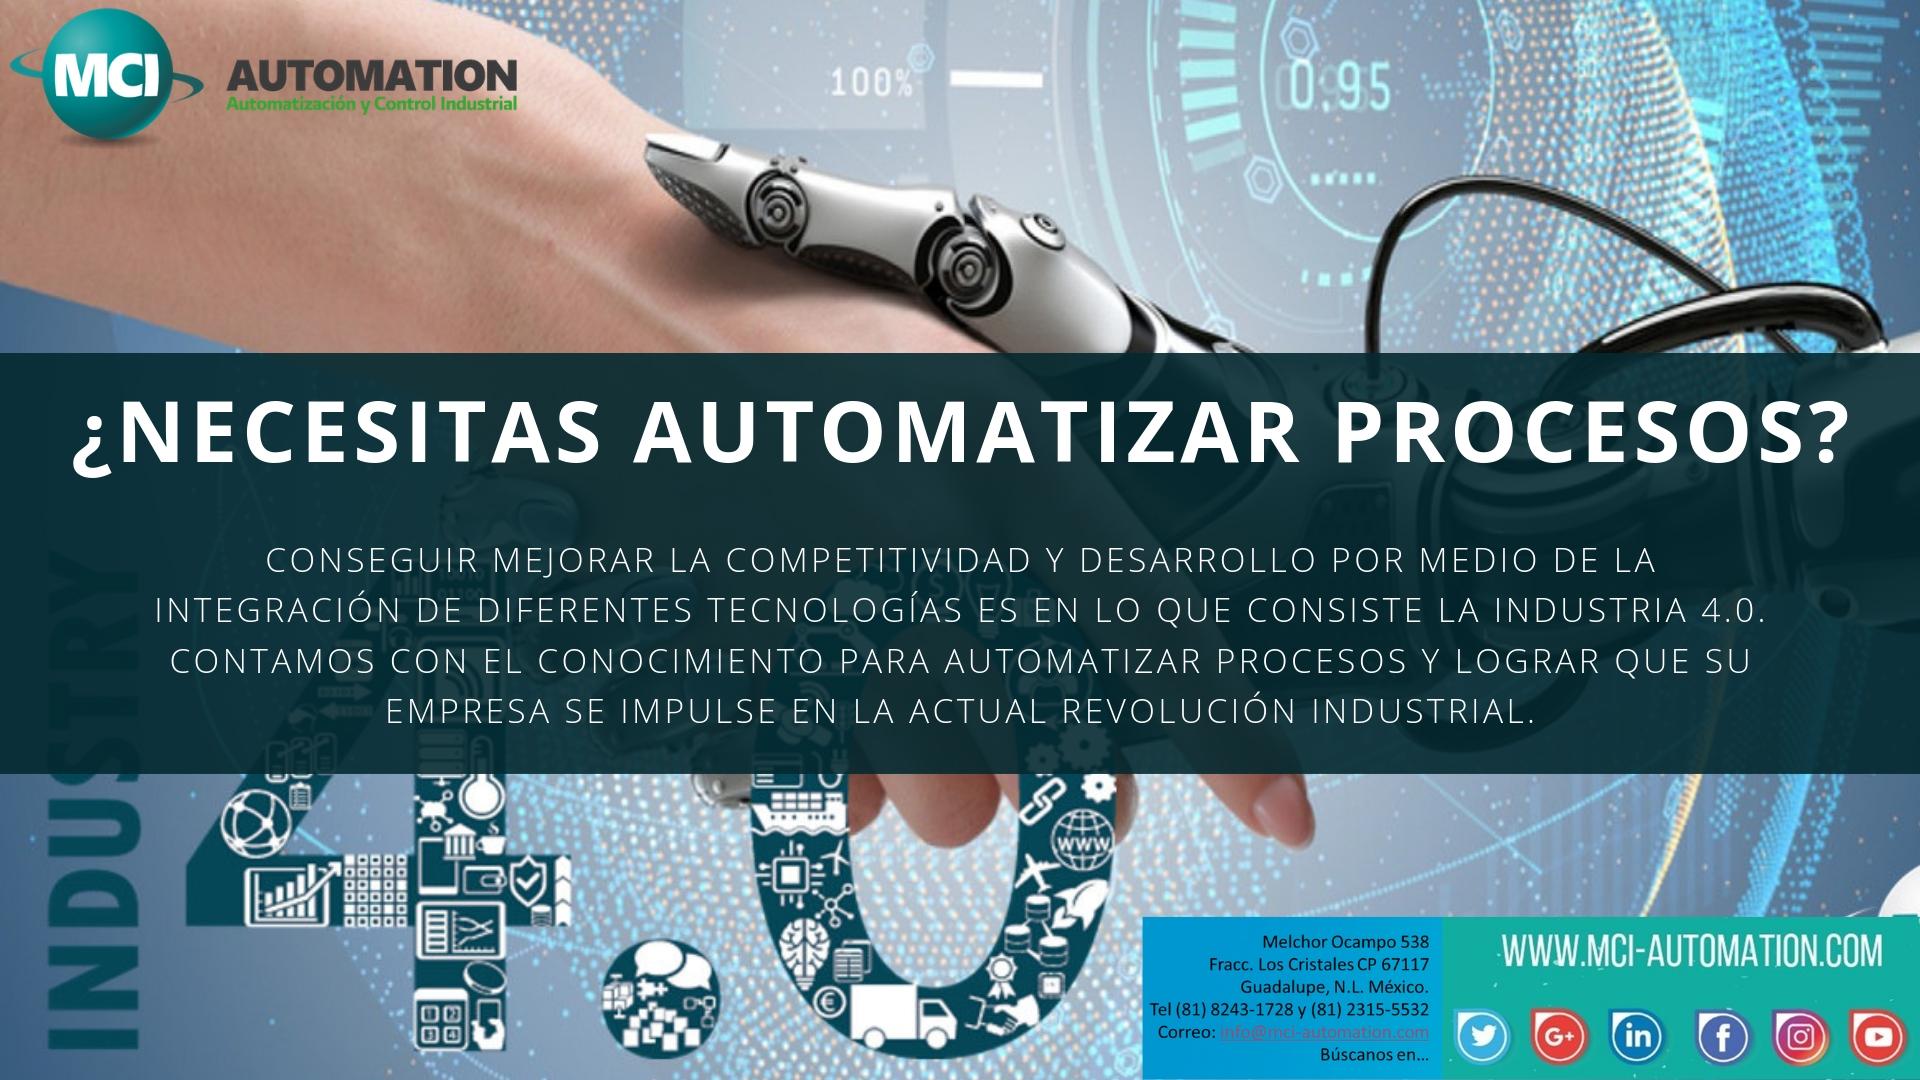 Automatizamos máquinas y procesos con PLC´s, PAC´s, HMI´s, PC´s, entre otros.